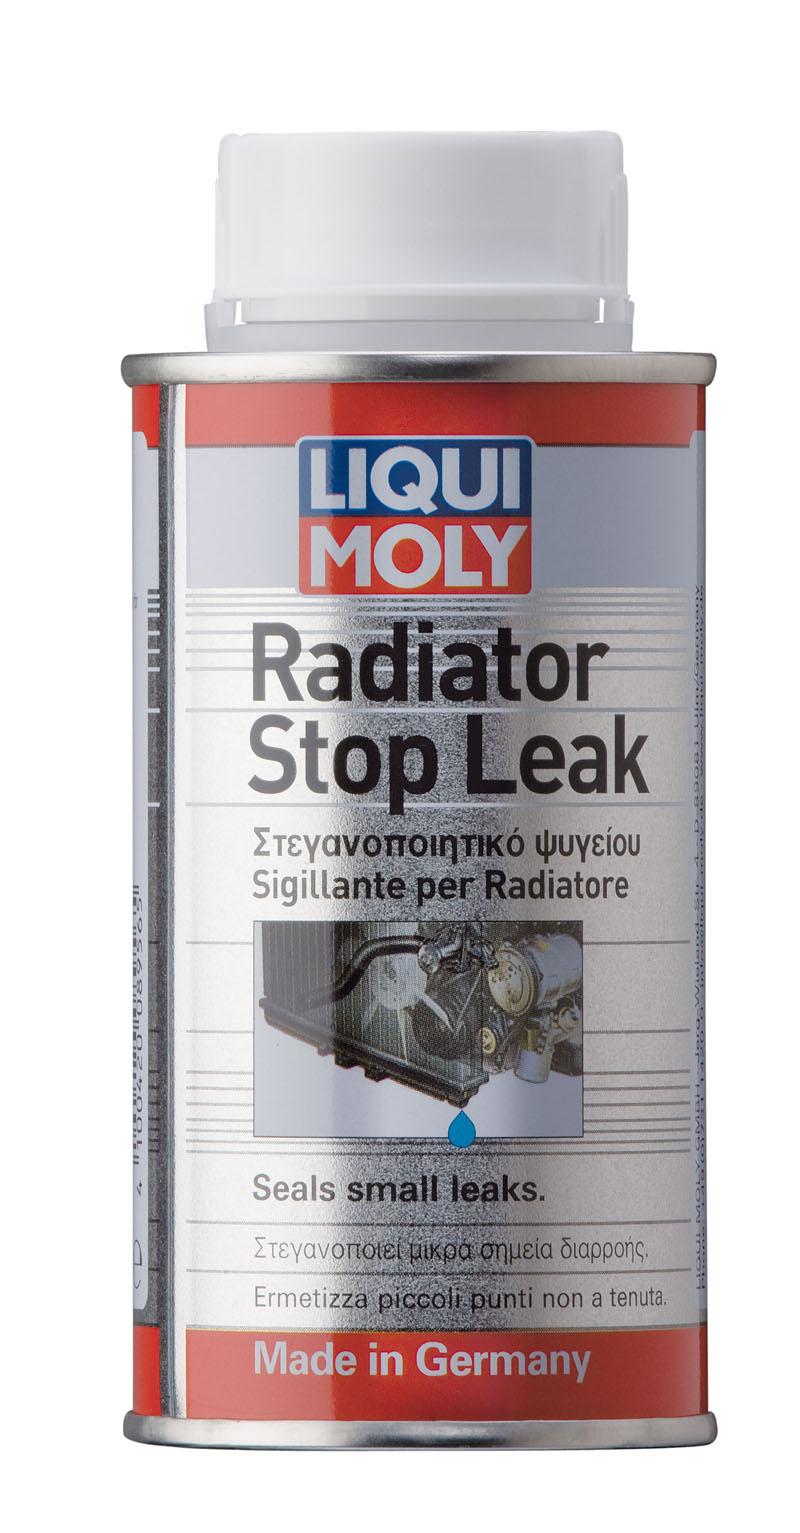 Liqui Moly explains its RadiatorStop Leak formula